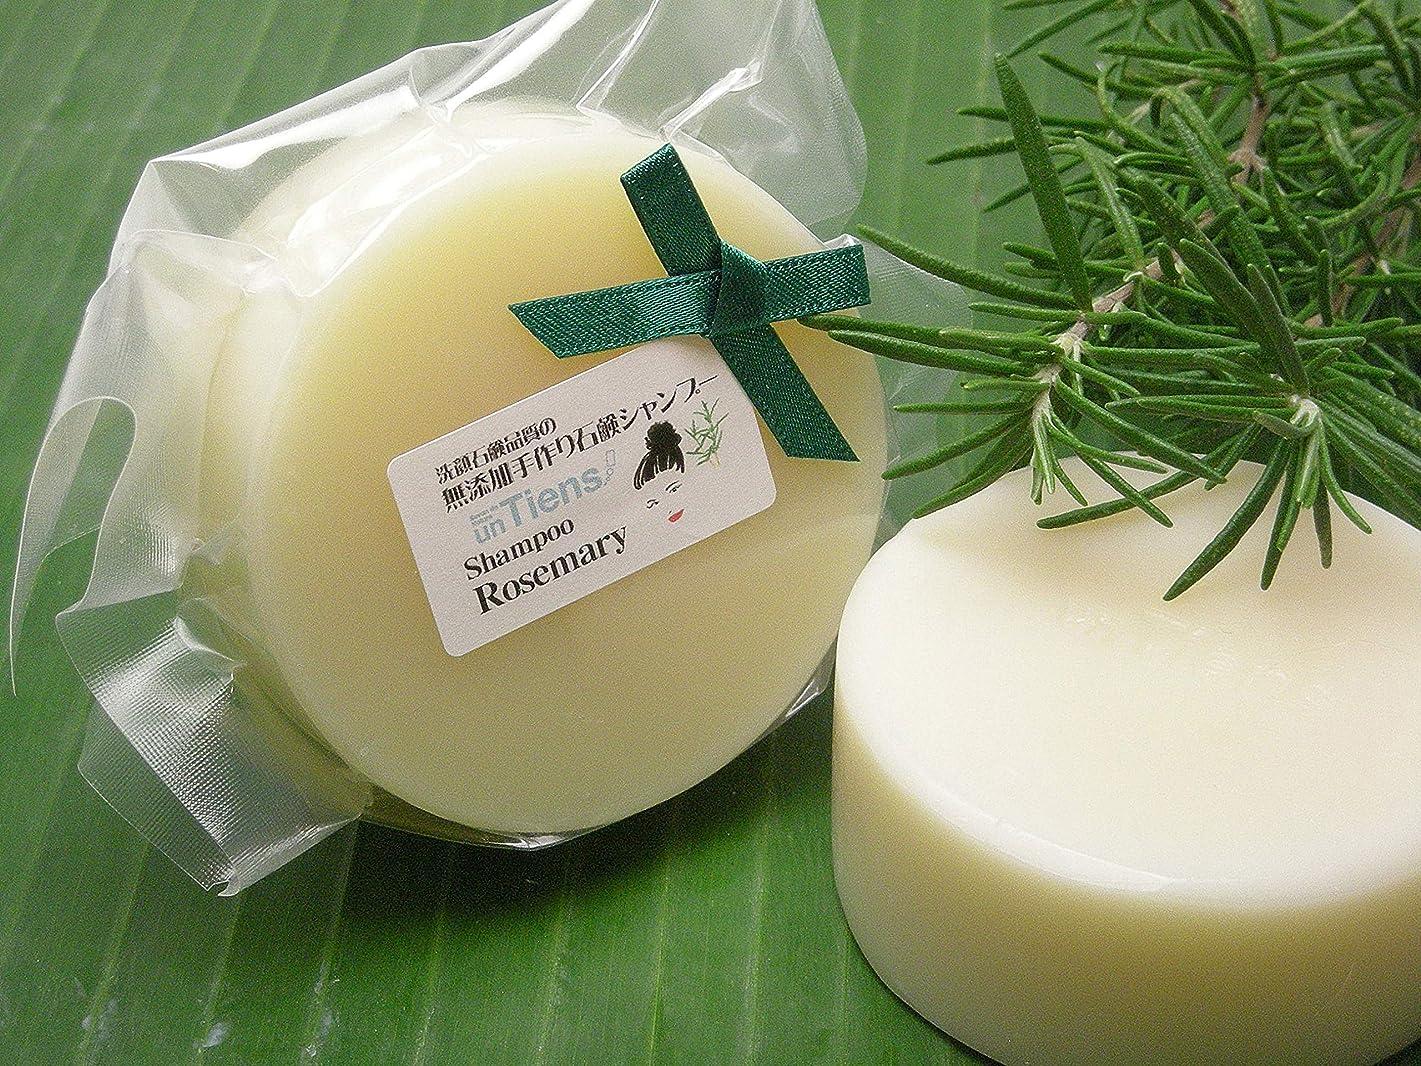 細心のアラブファランクス洗顔石鹸品質の無添加手作り固形石鹸シャンプー 「ローズマリー」たっぷり使える丸型100g